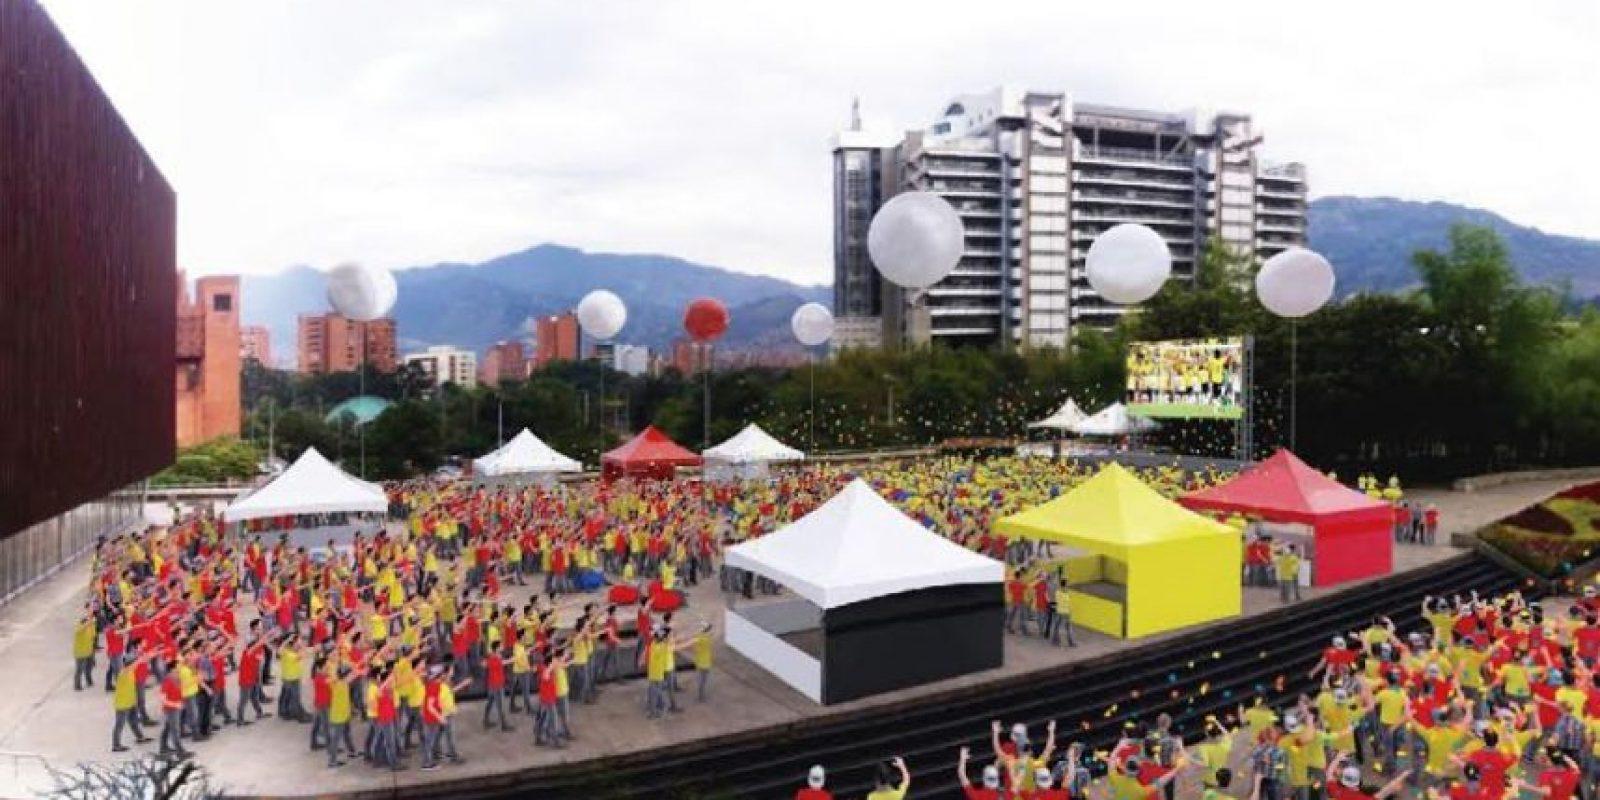 Plaza Mayor Medellín será el punto de encuentro para disfrutar toda la emoción del fútbol de la selección Colombia. Foto:Cortesía Plaza Mayor.